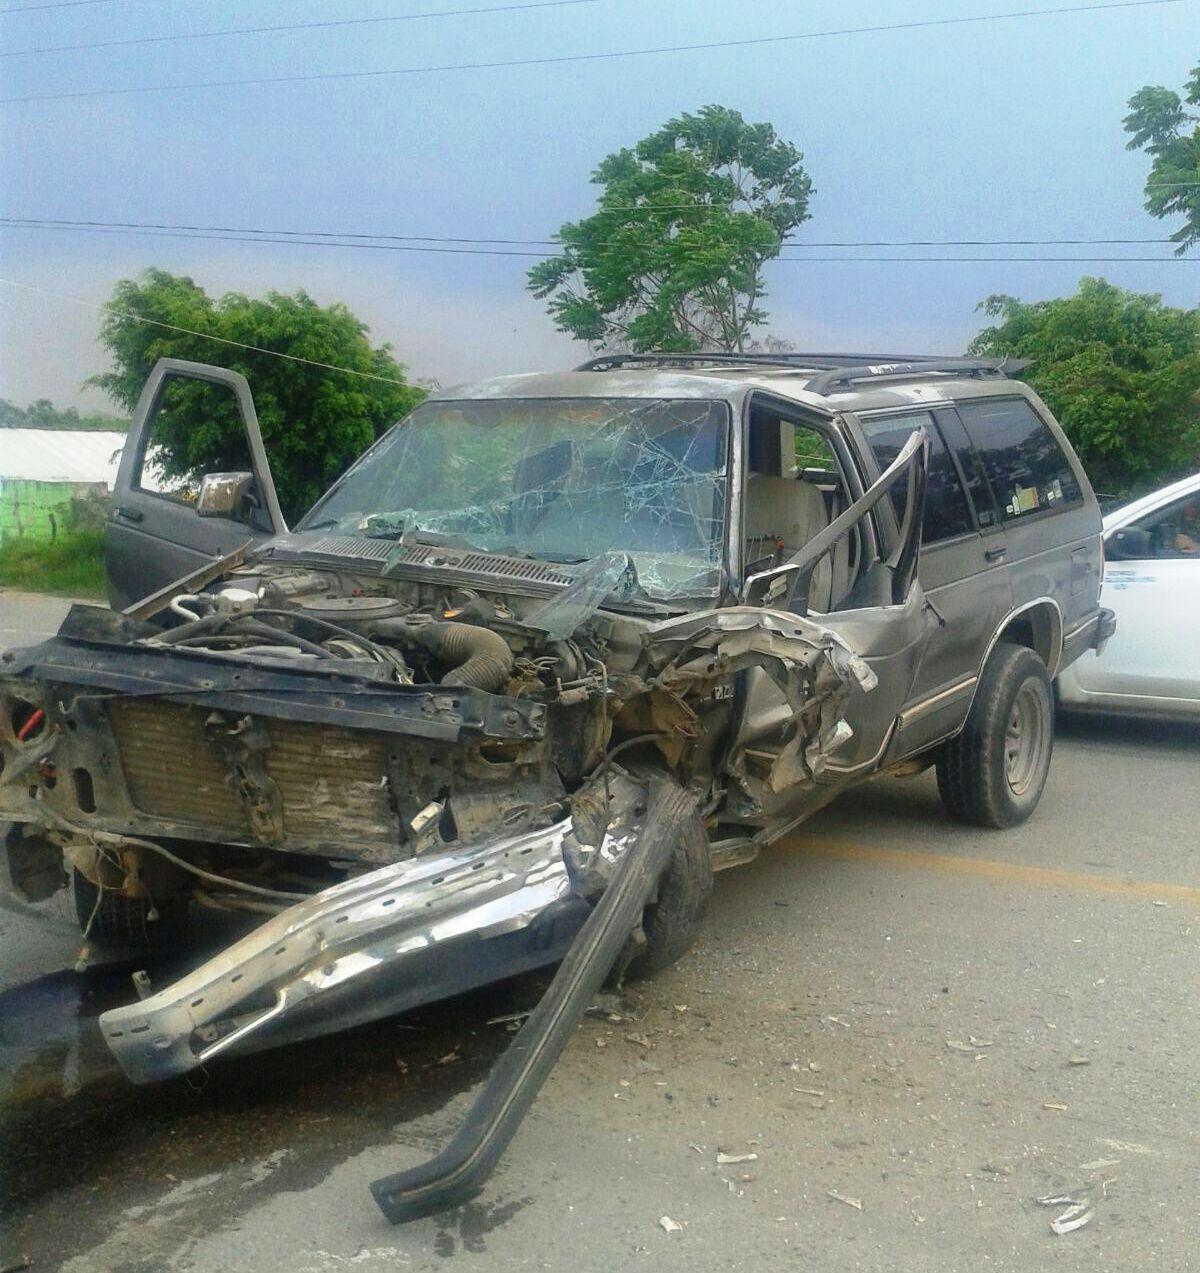 la-camioneta-sufrio-serios-danos